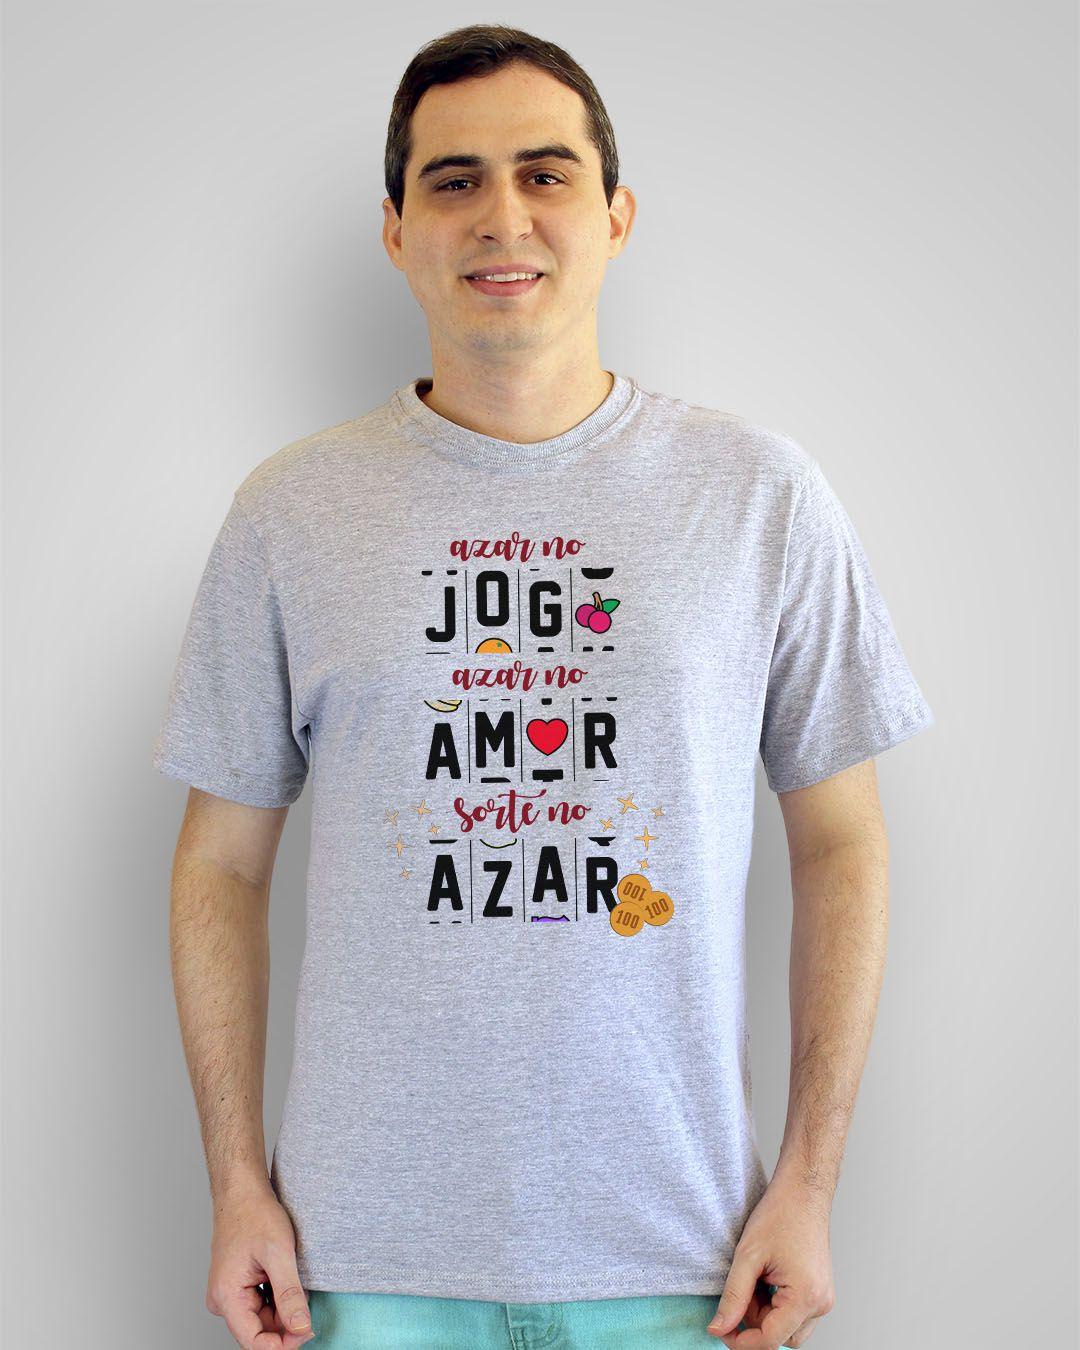 Camiseta Azar no jogo, azar no amor, sorte no azar